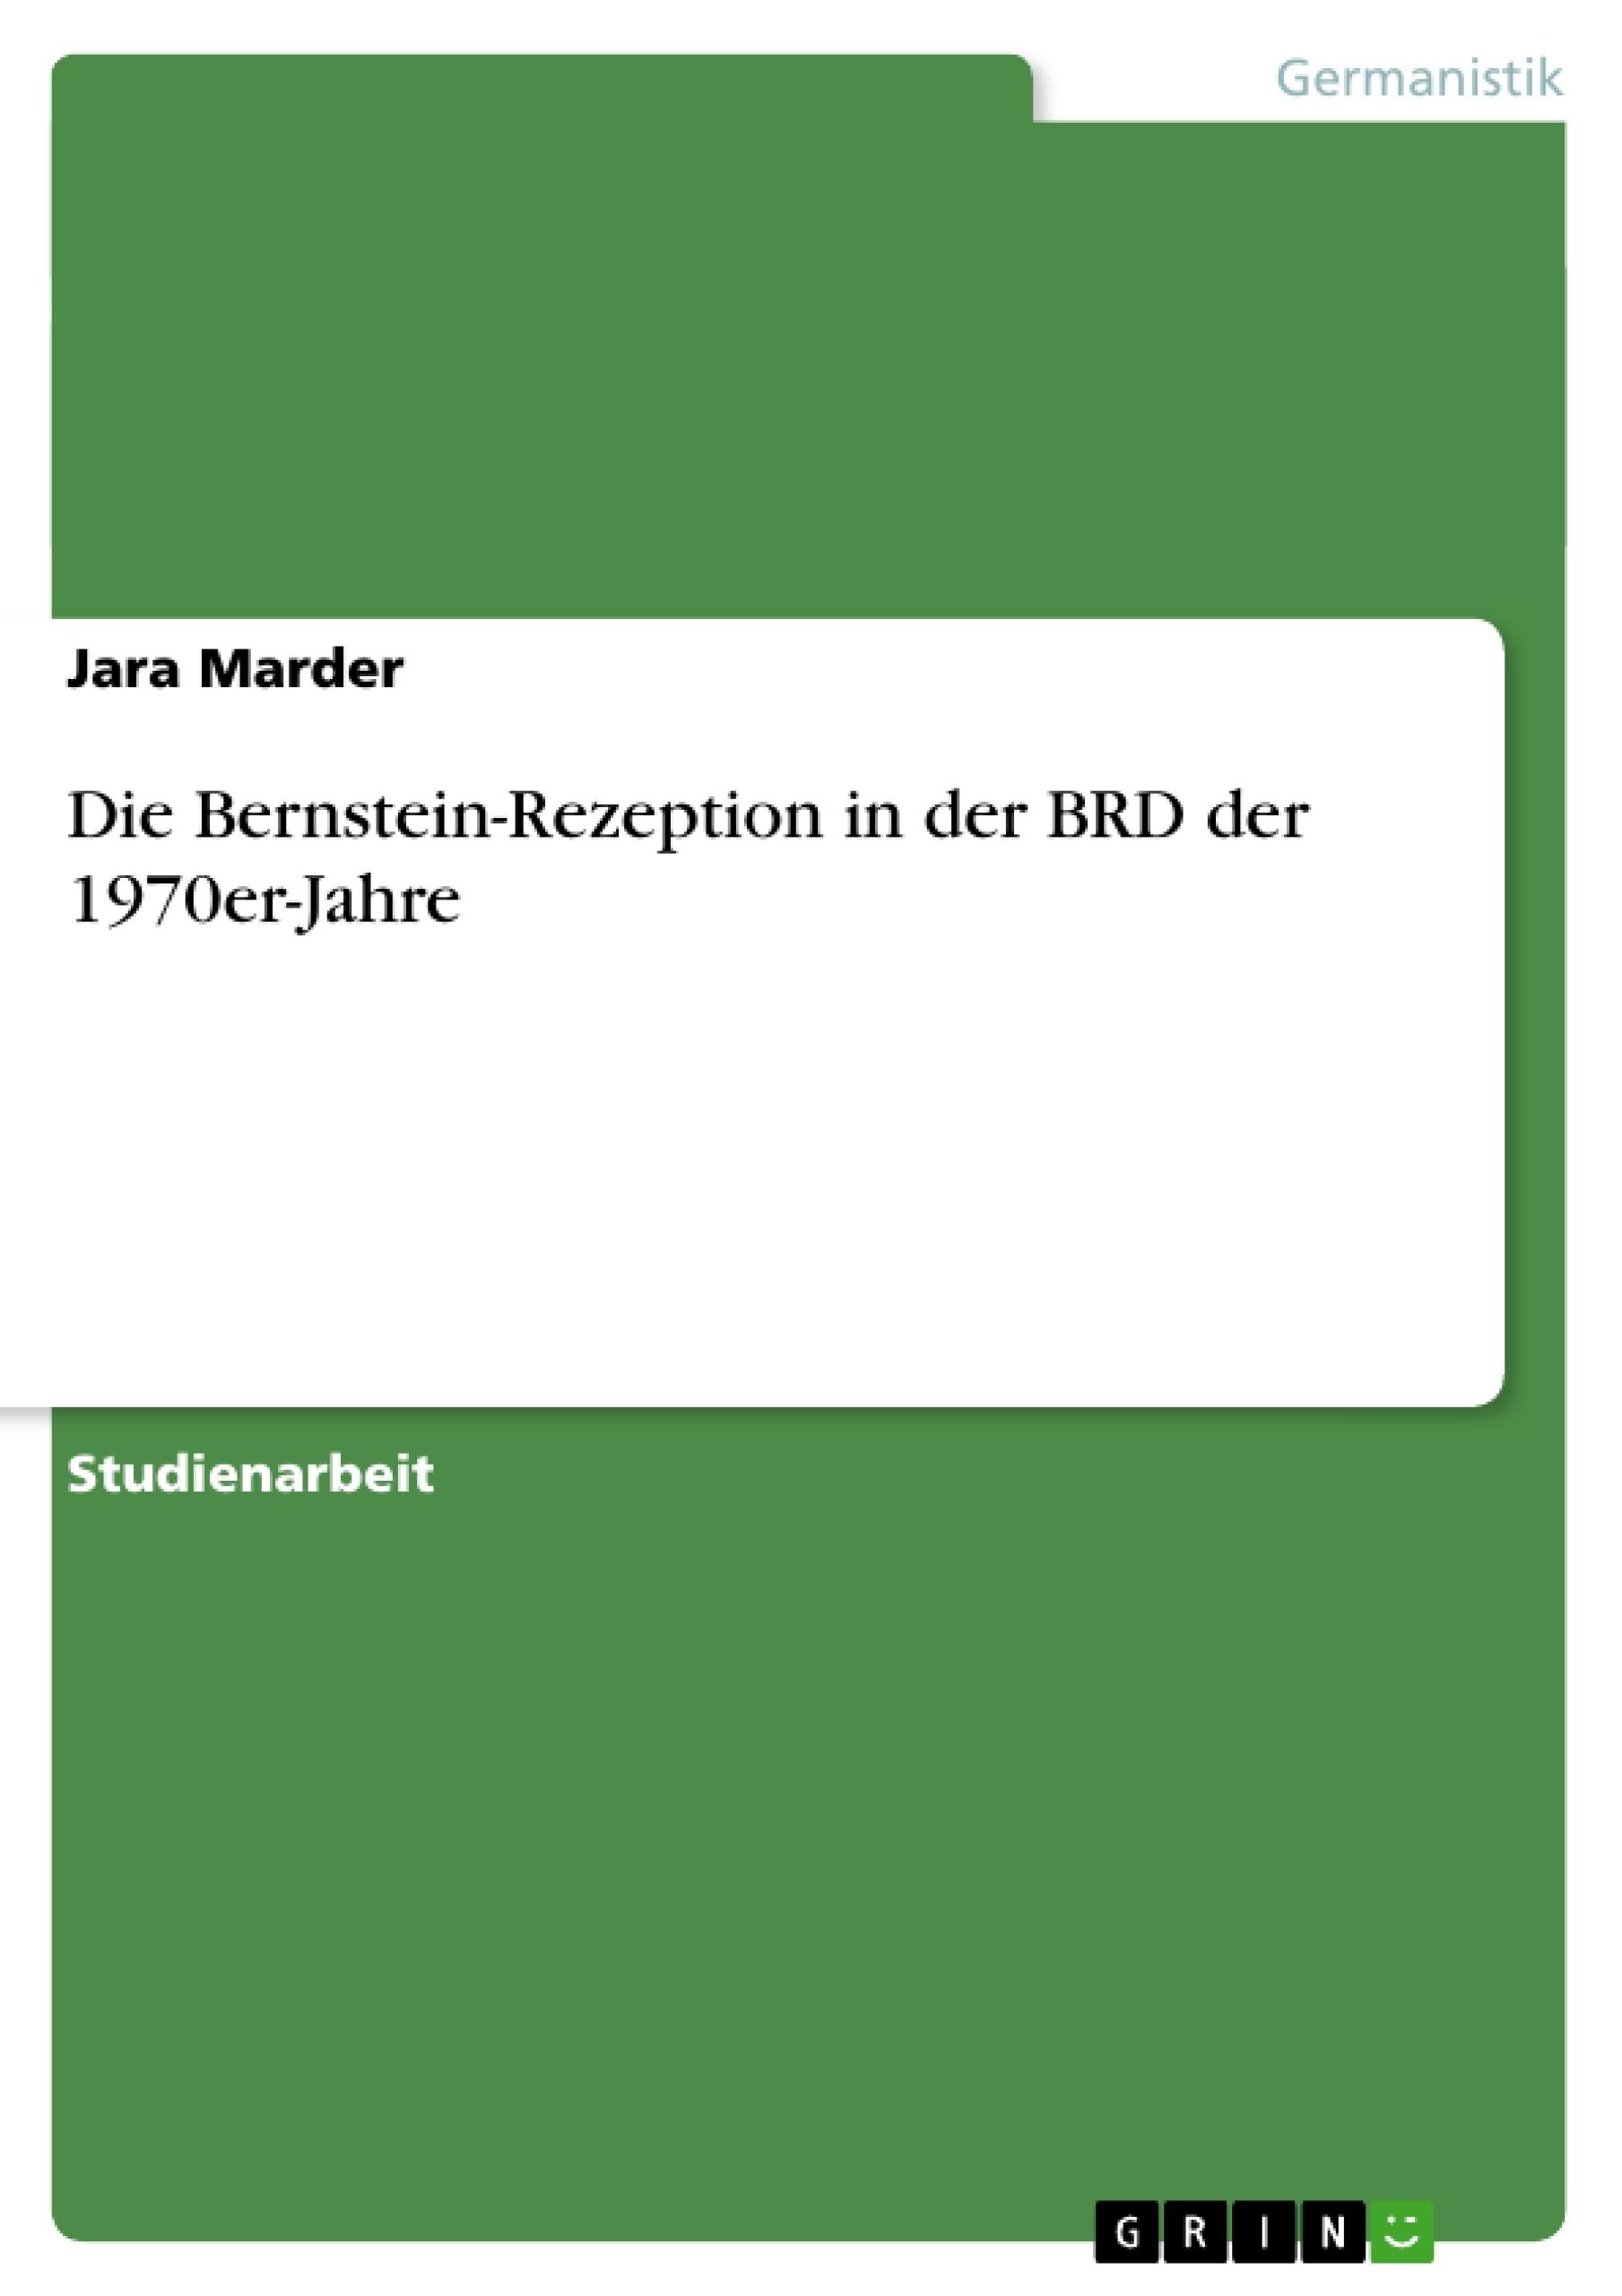 Titel: Die Bernstein-Rezeption in der BRD der 1970er-Jahre